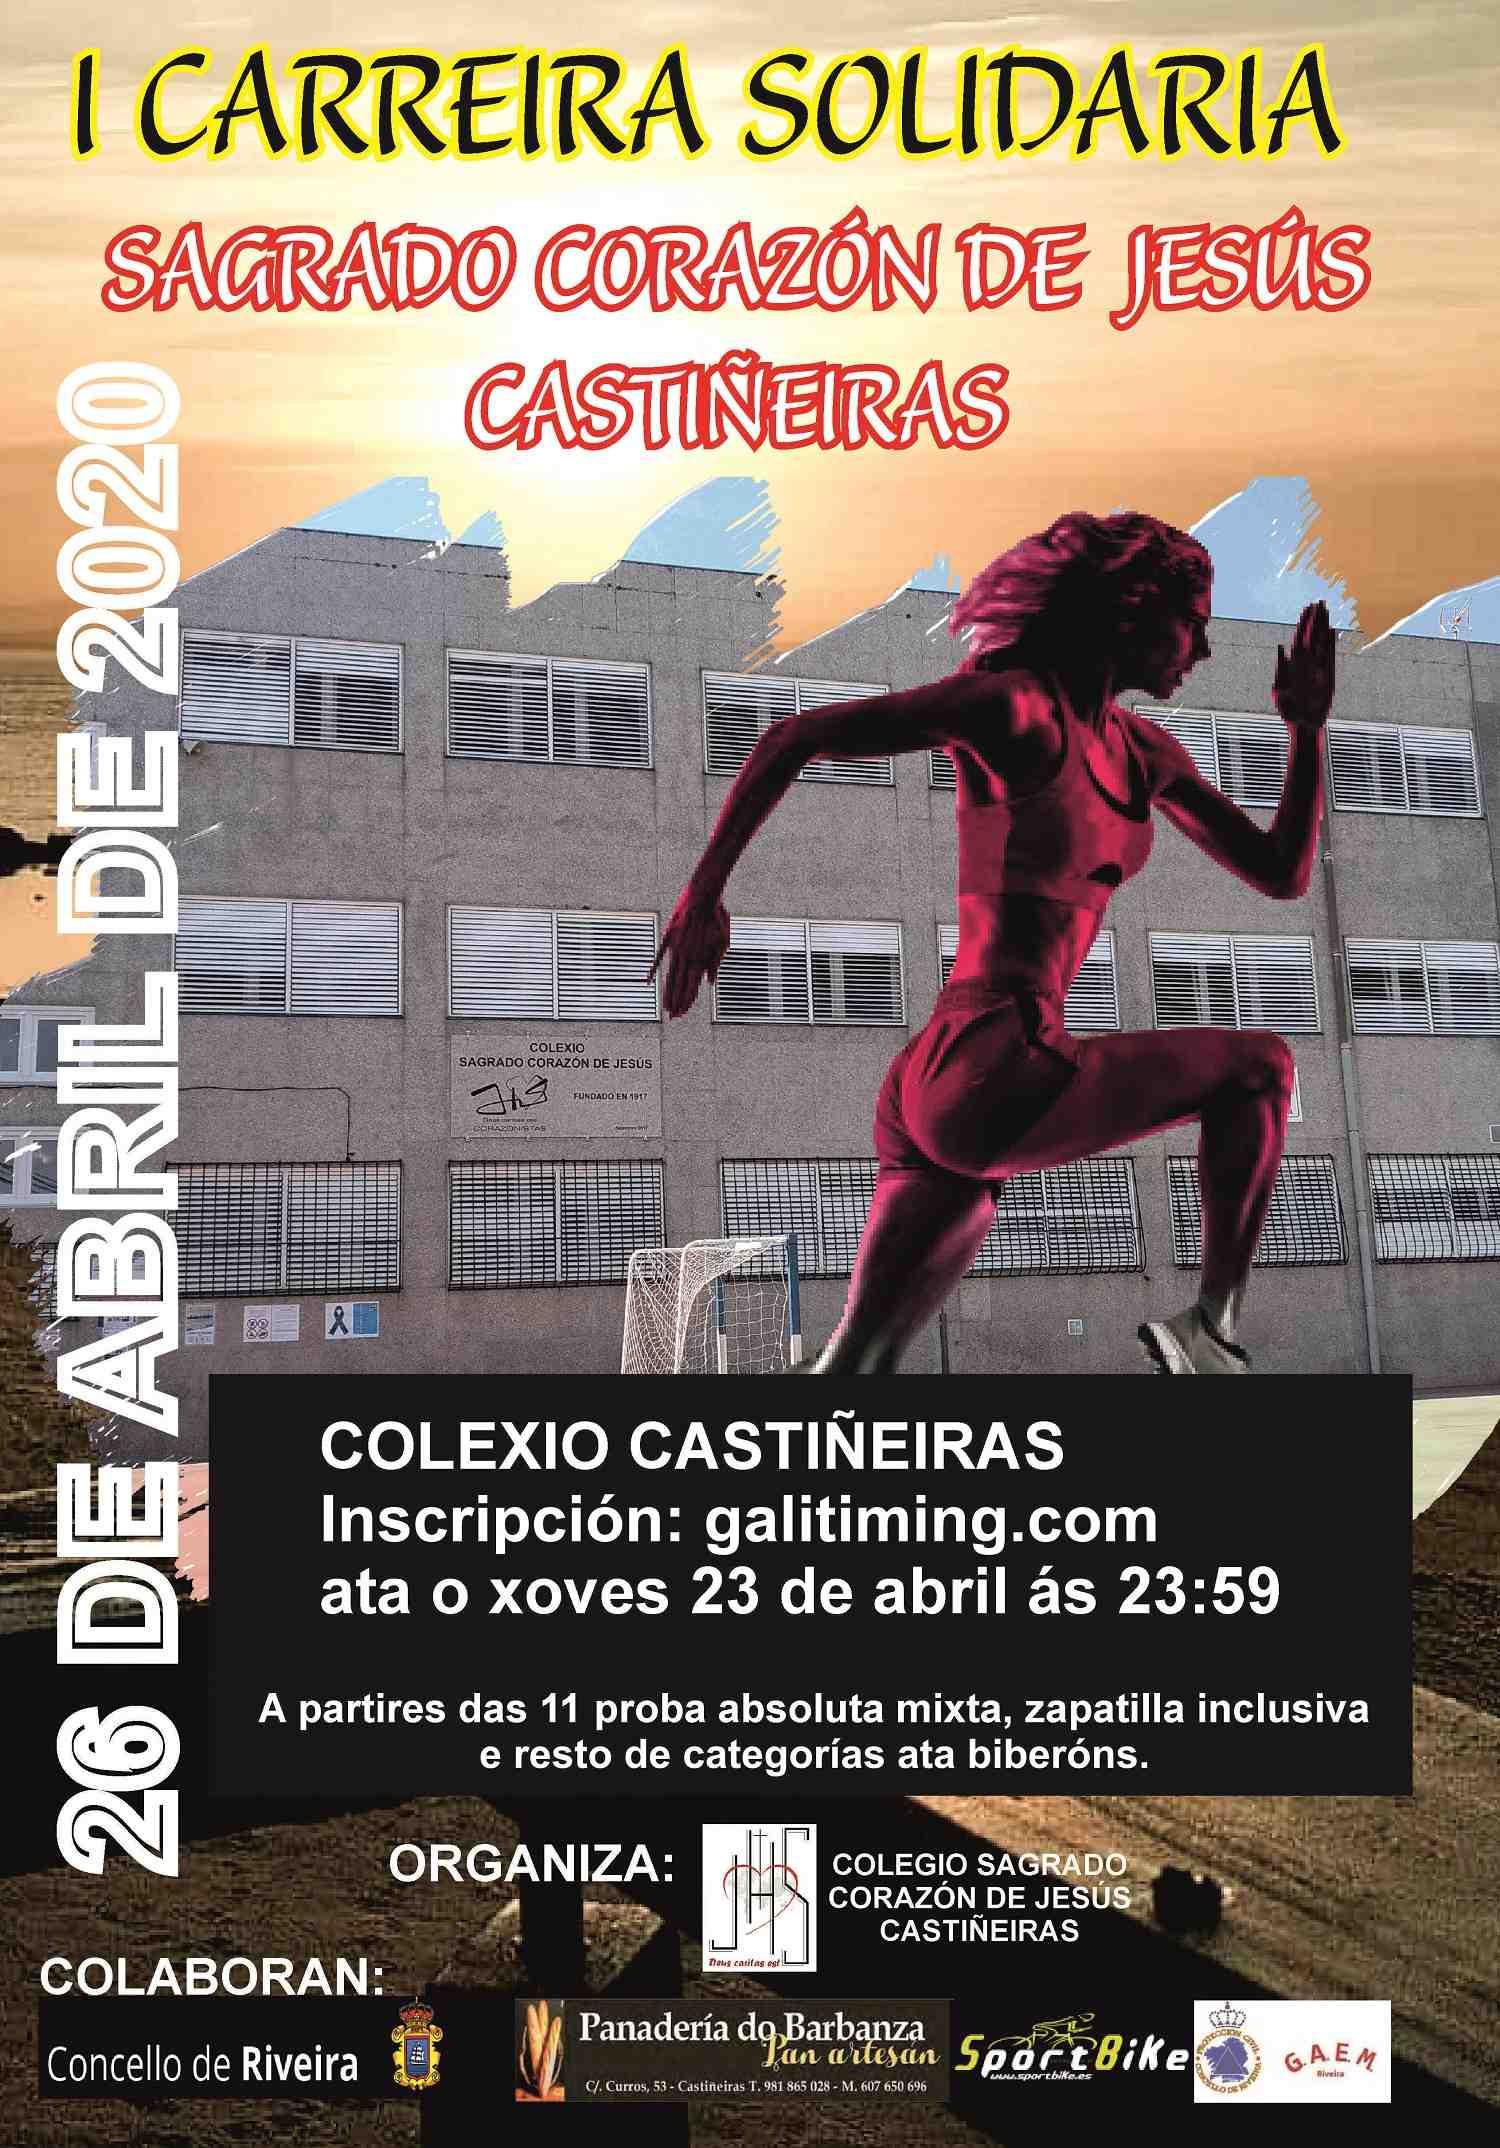 Cartel del evento I CARREIRA SOLIDARIA COLEXIO SAGRADO CORAZÓN DE JESÚS CASTIÑEIRAS